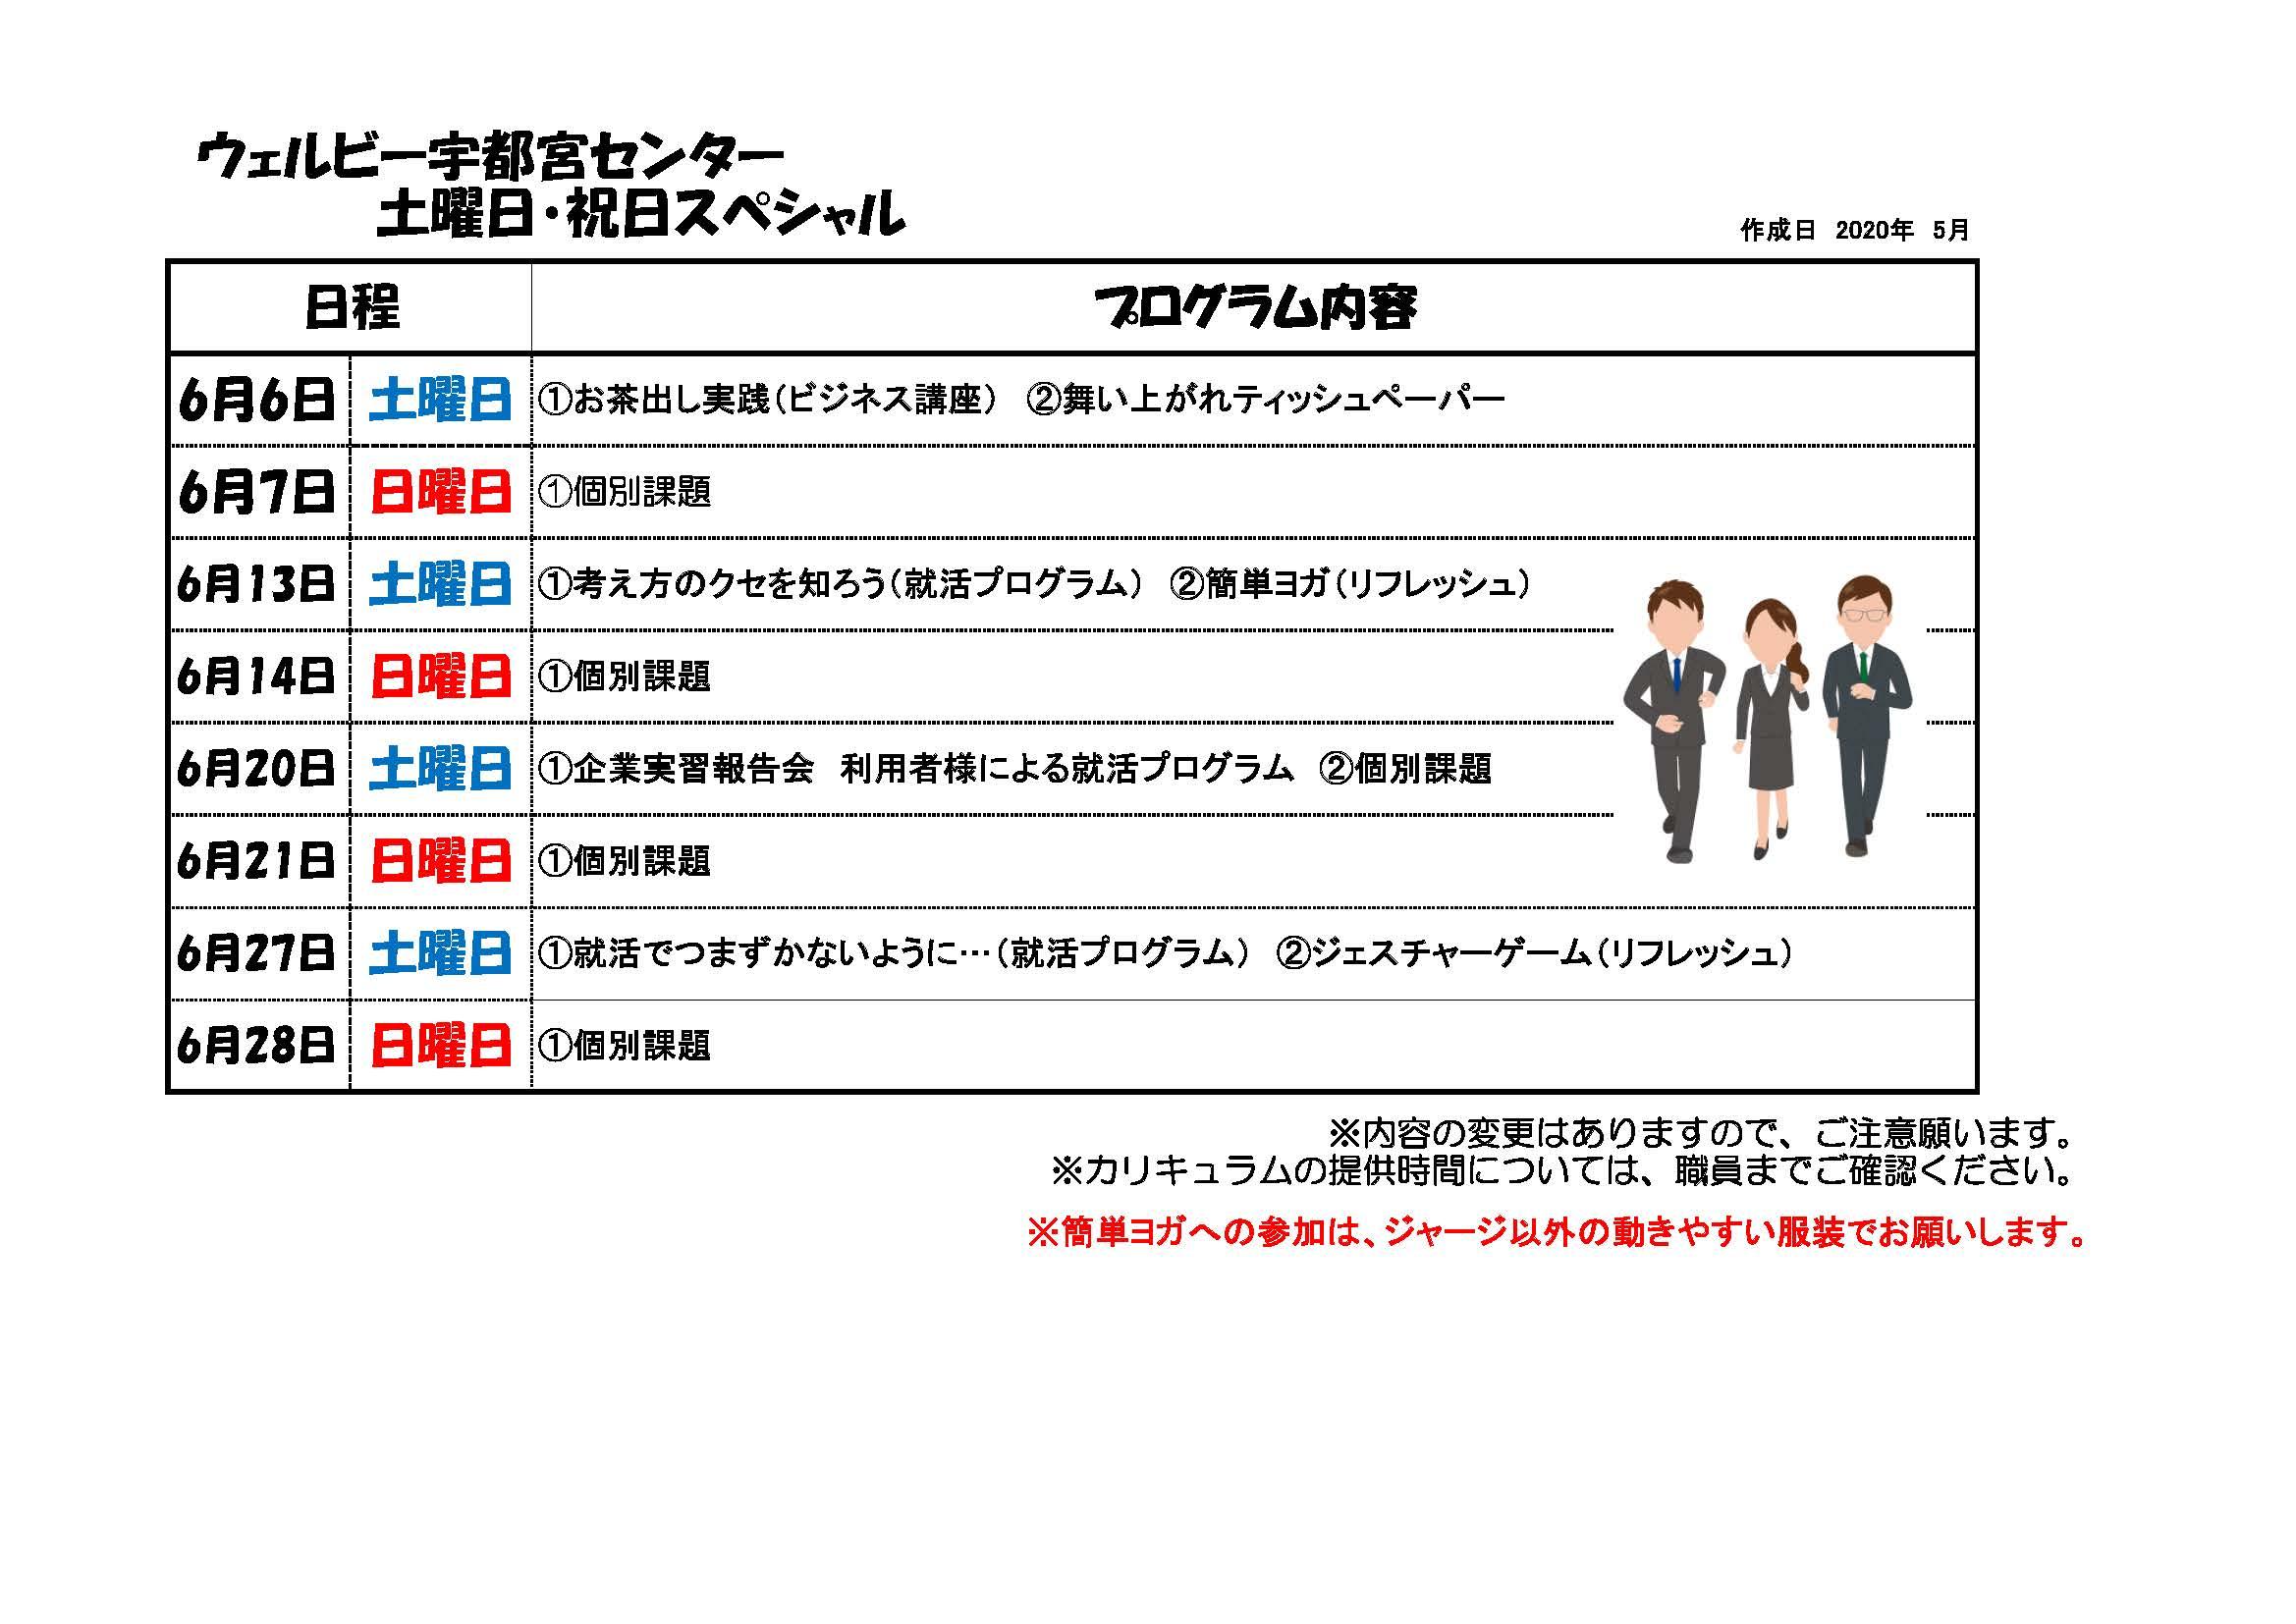 2020.6月土日祝日予定表(ブログ用)